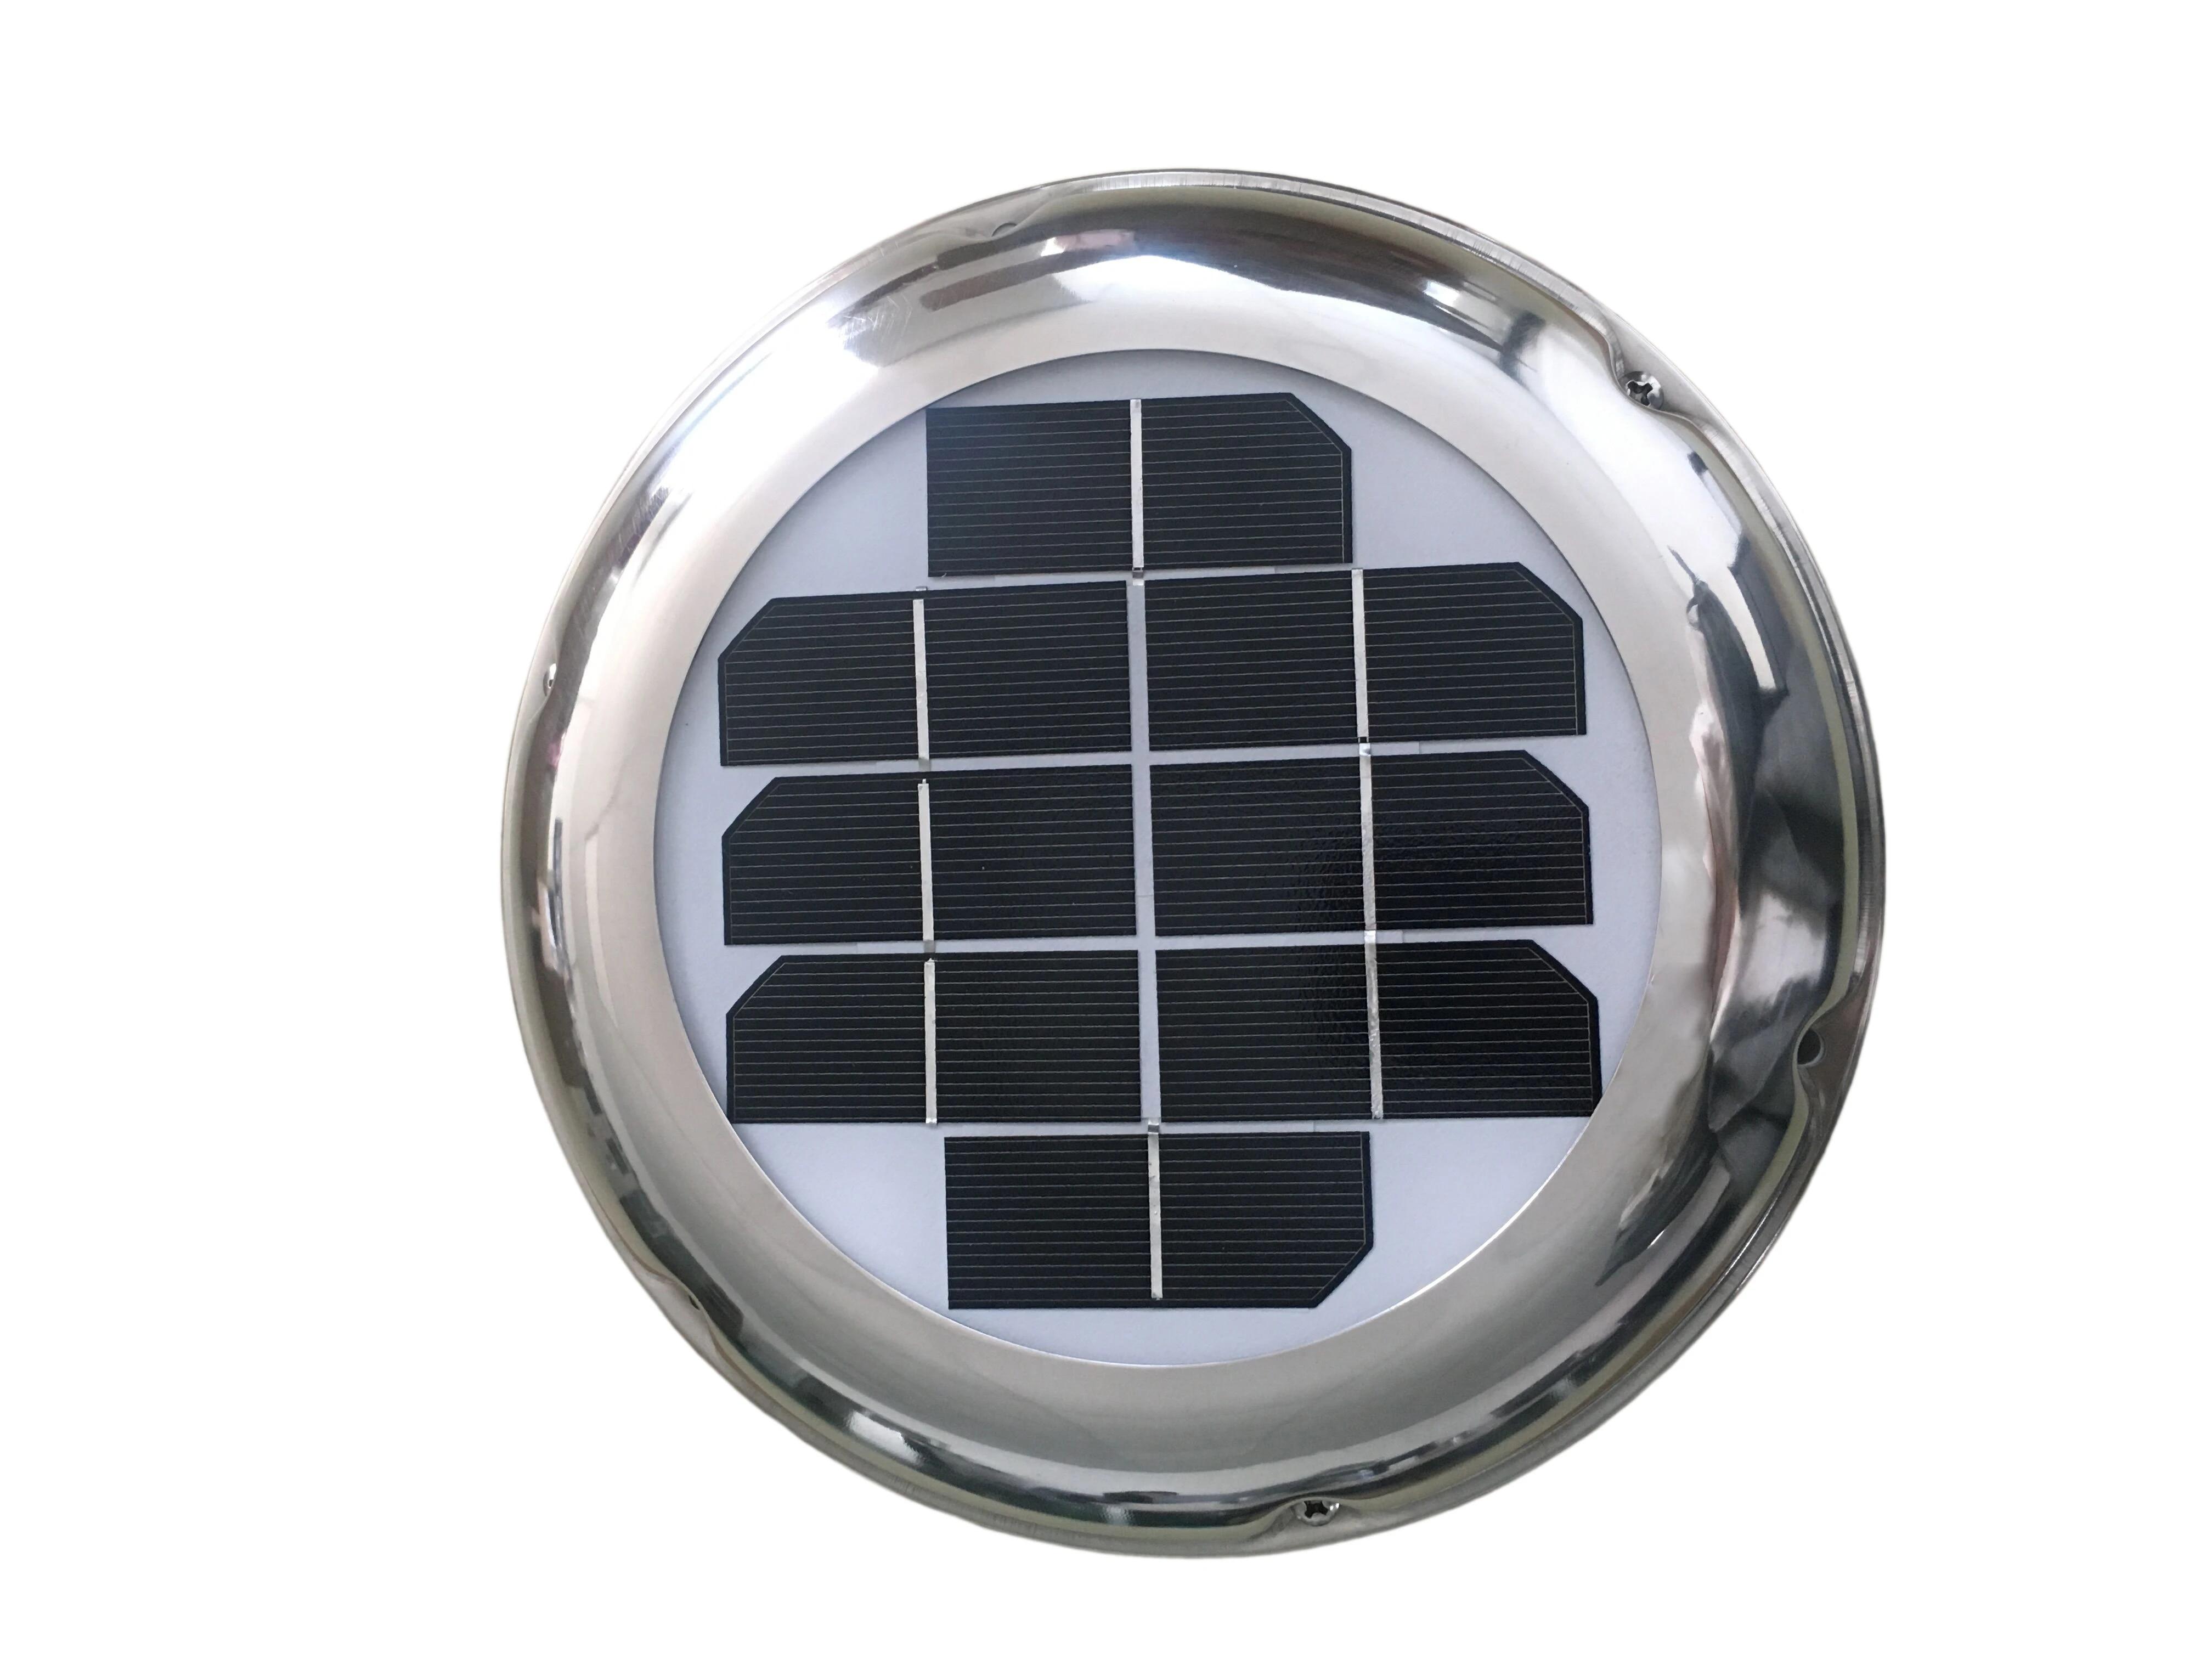 2 5w solar roof ventilator vent fan waterproof exhaust intake battery f120mm for caravan boat green house rv motorhome